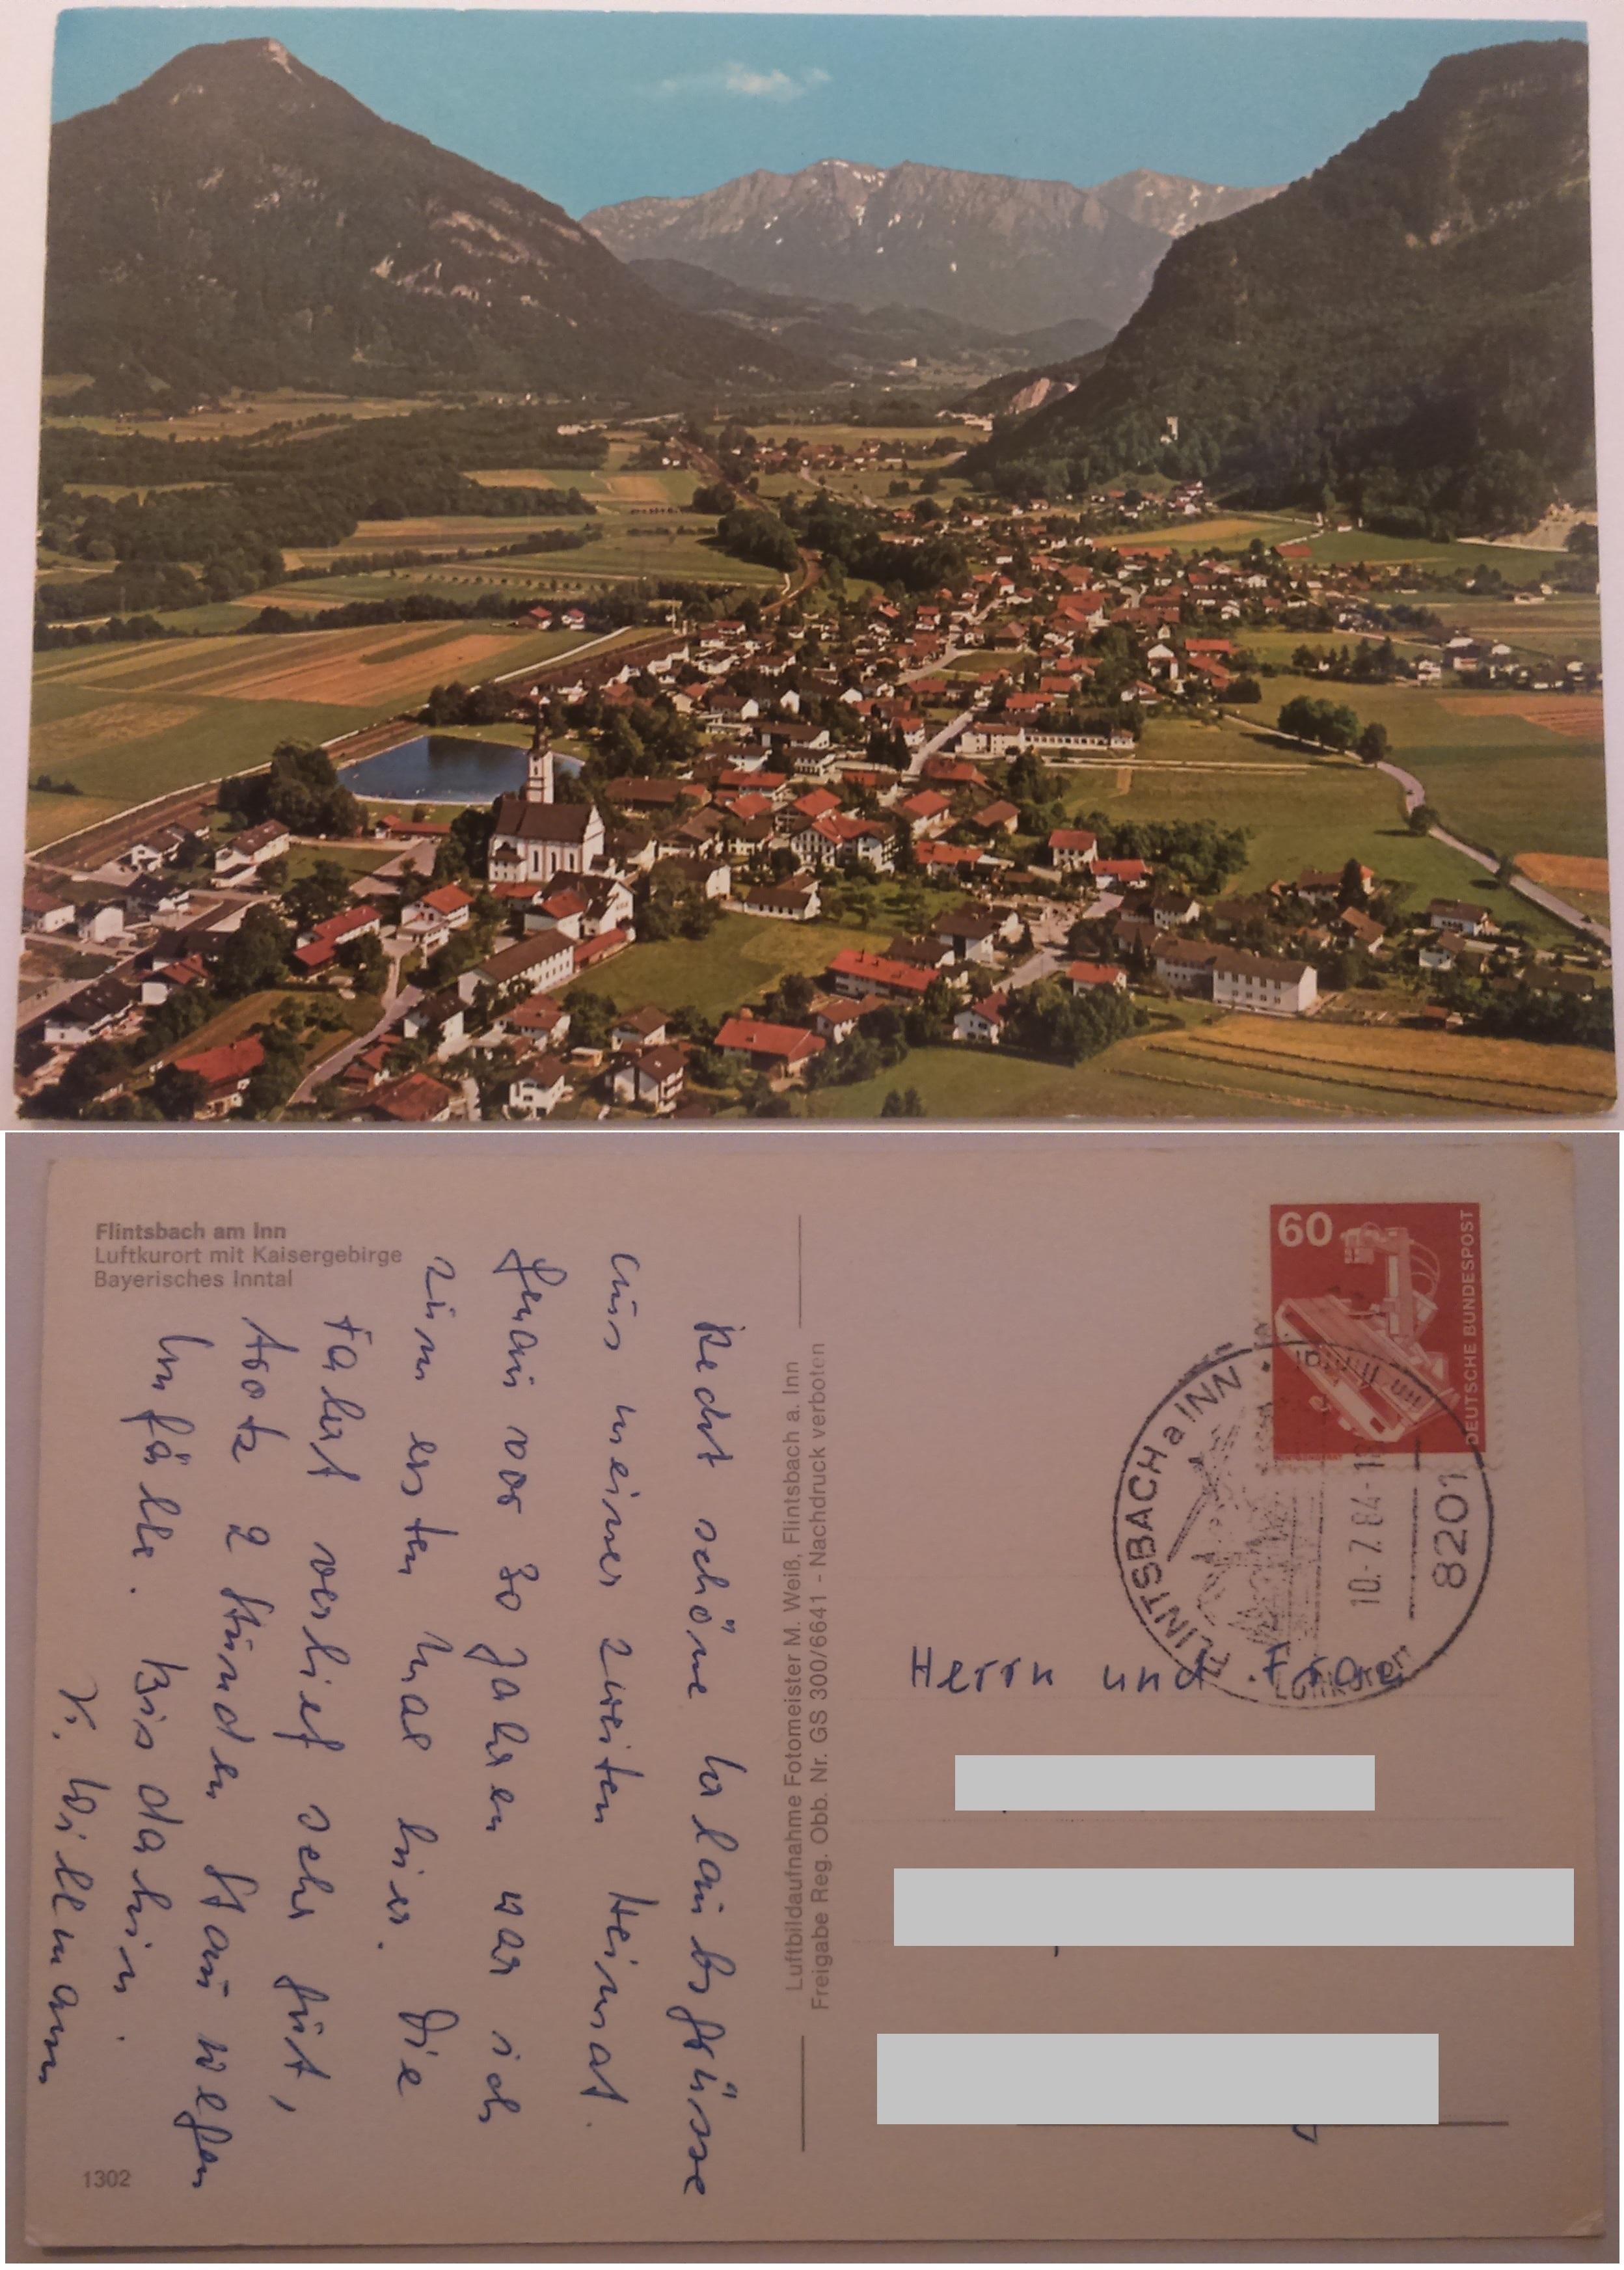 Flintsbach am Inn Luftkurort mit Kaisergebirge Bayerisches Inntal (10.07.1984) both